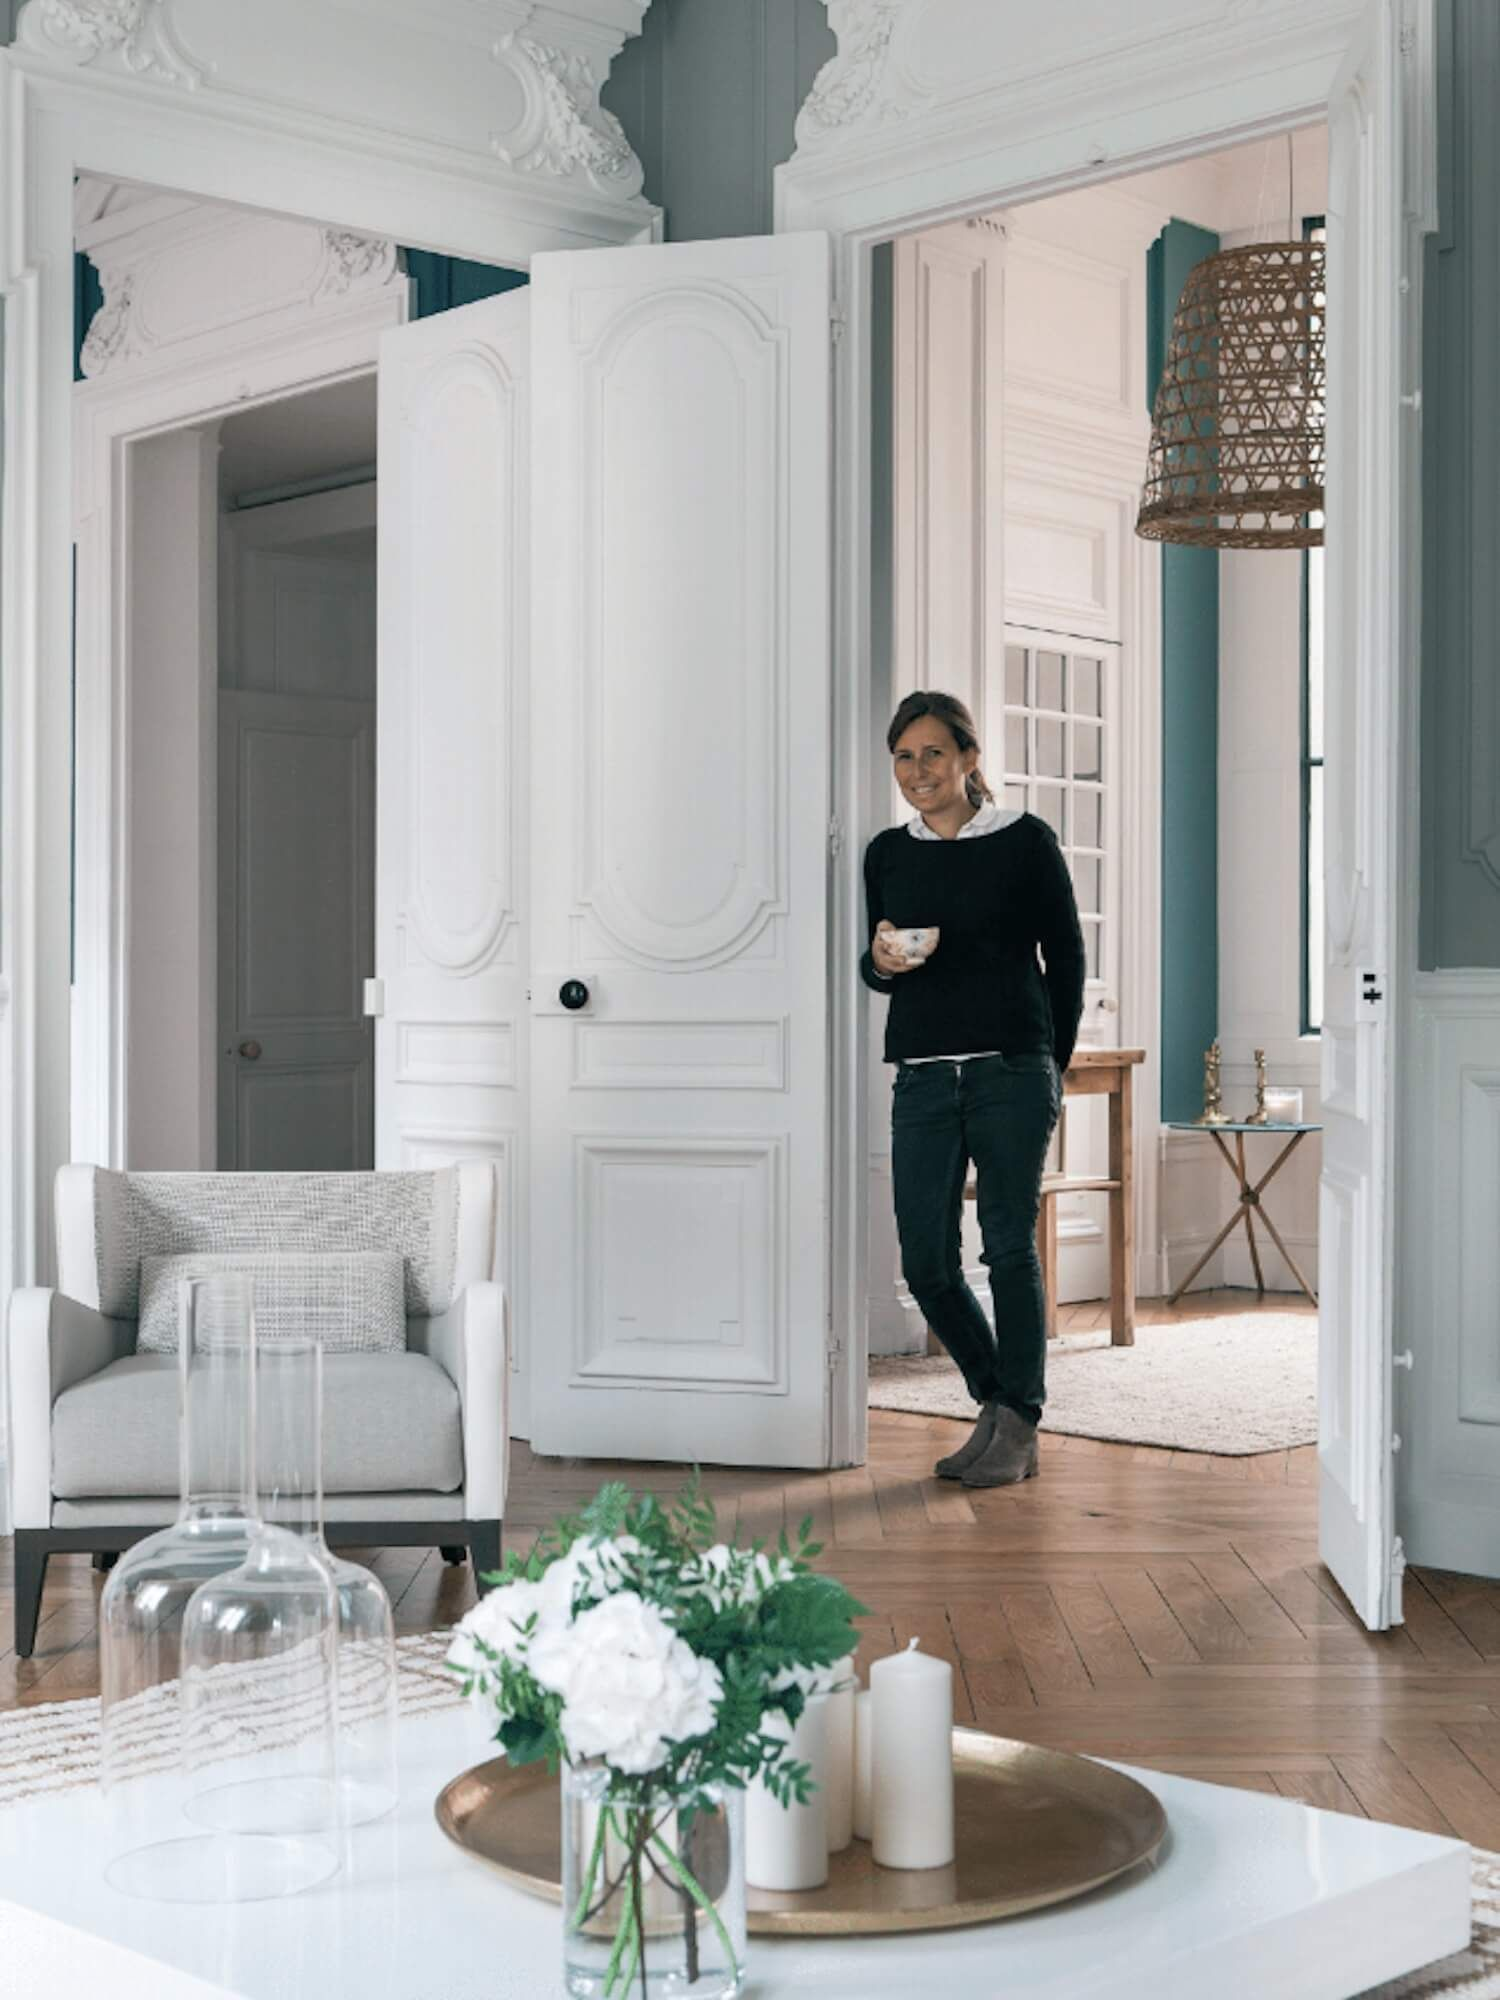 Lyon Apartment Global Interiors Design Est Living Apartment Renovation Georgian Interiors Interior Design